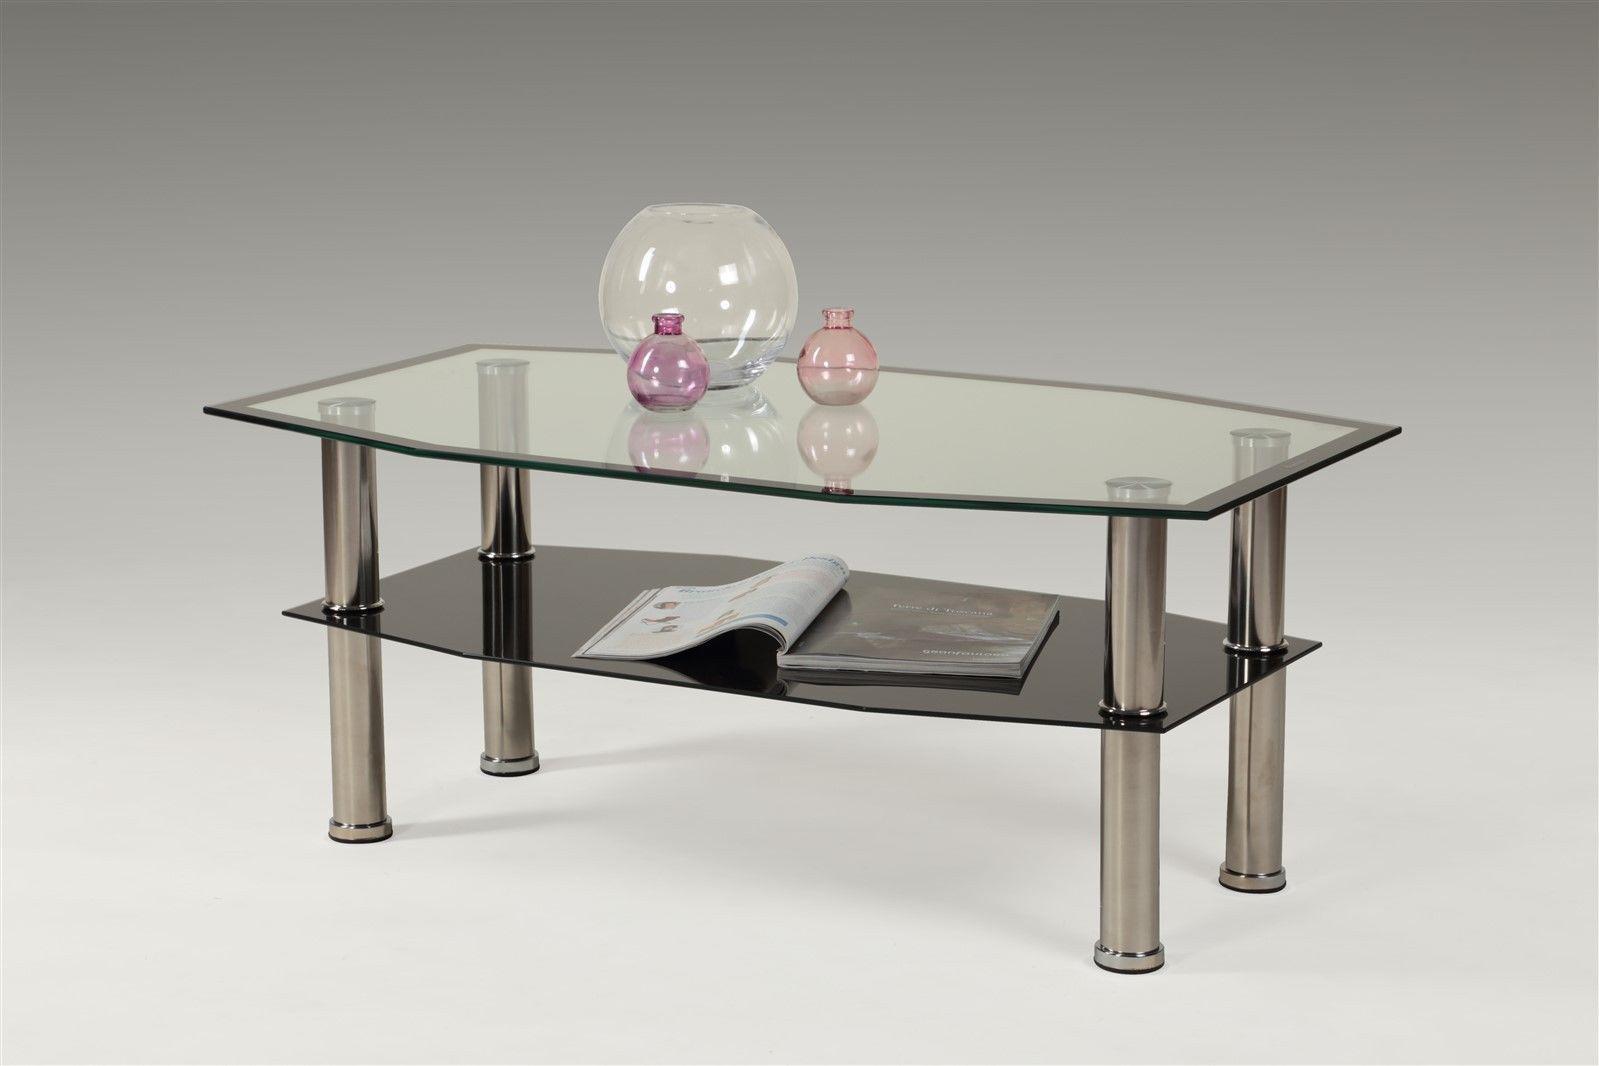 Couchtisch Chrom Glas ~ Couchtisch tisch tibor 100x60 cm schwarz chrom esg glas kaufen